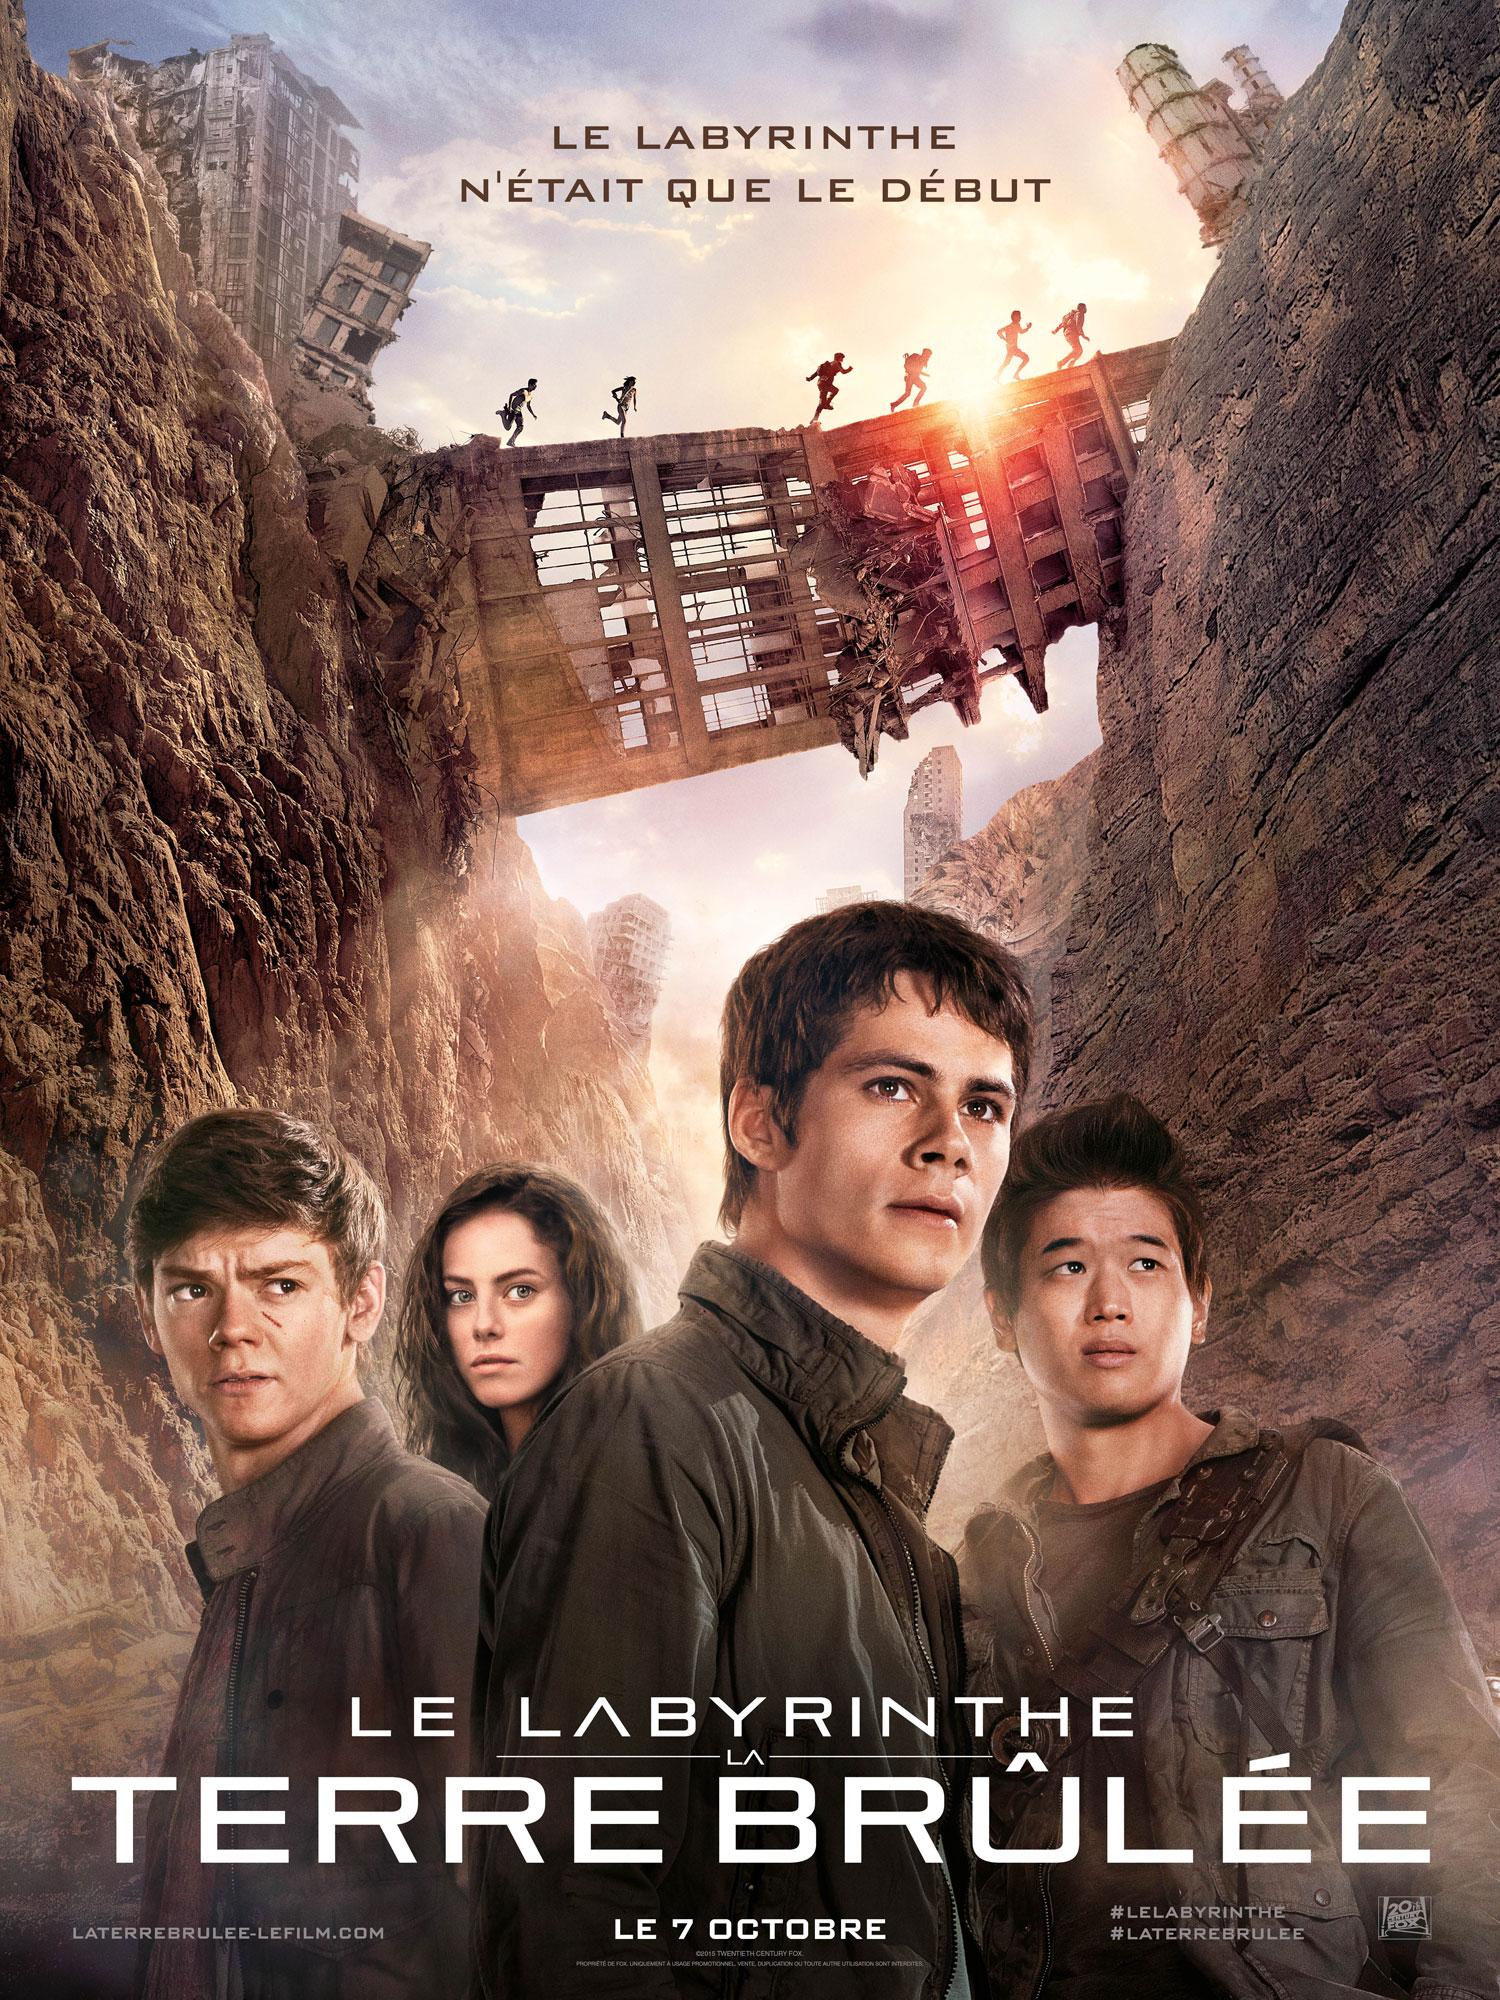 Le Labyrinthe La terre brûlée - Affiche